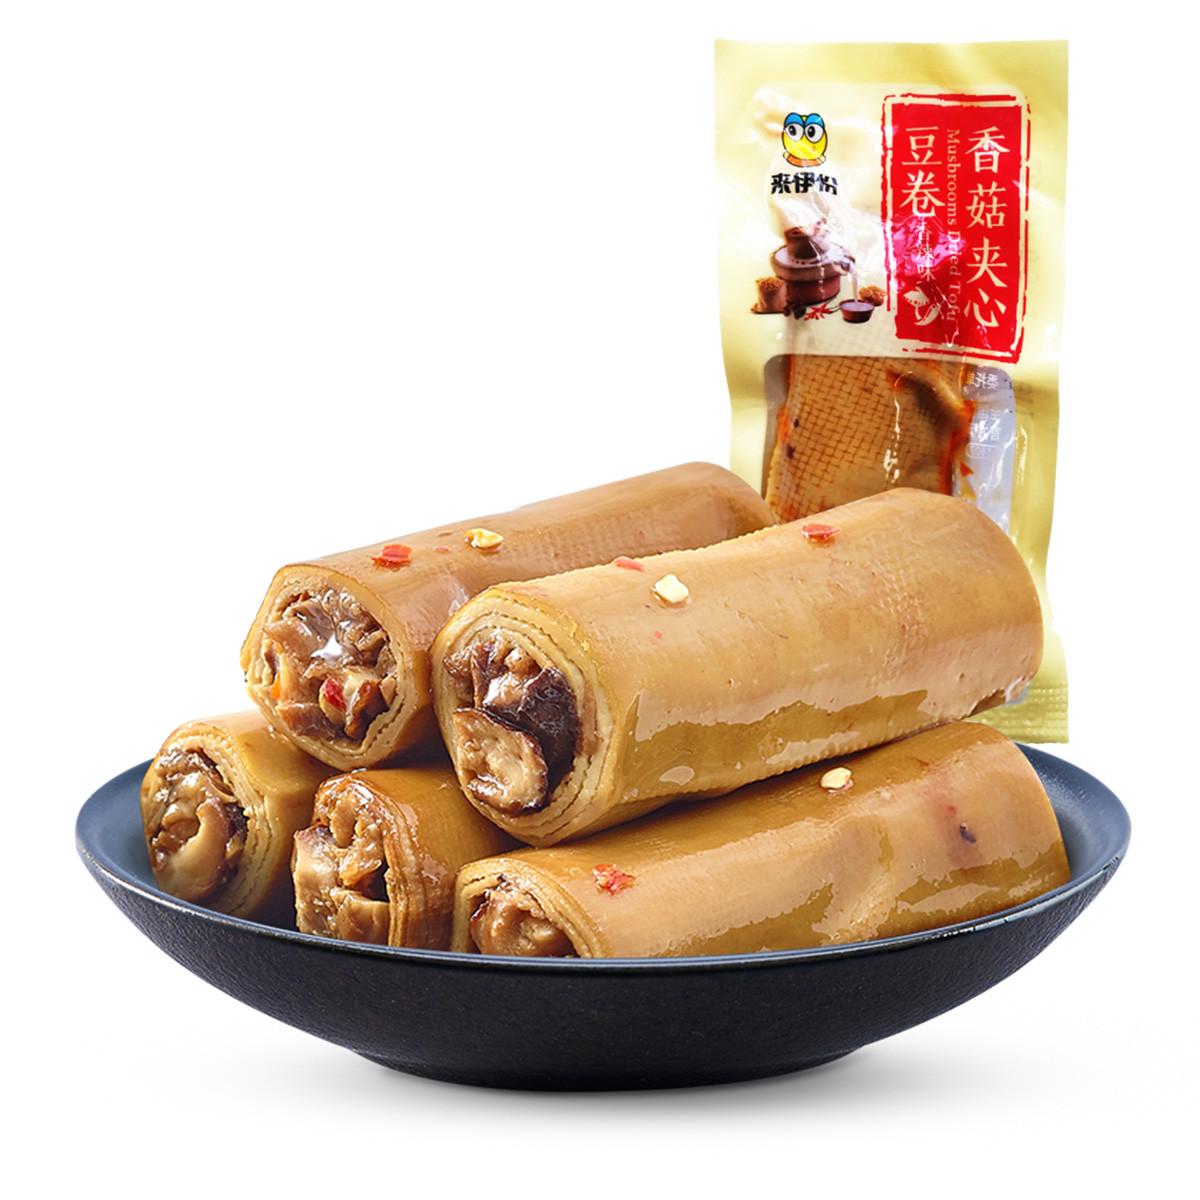 来伊份香菇夹心豆卷200g香辣味豆腐干豆腐卷办公室零食来一份COLOR香菇夹心豆卷200g